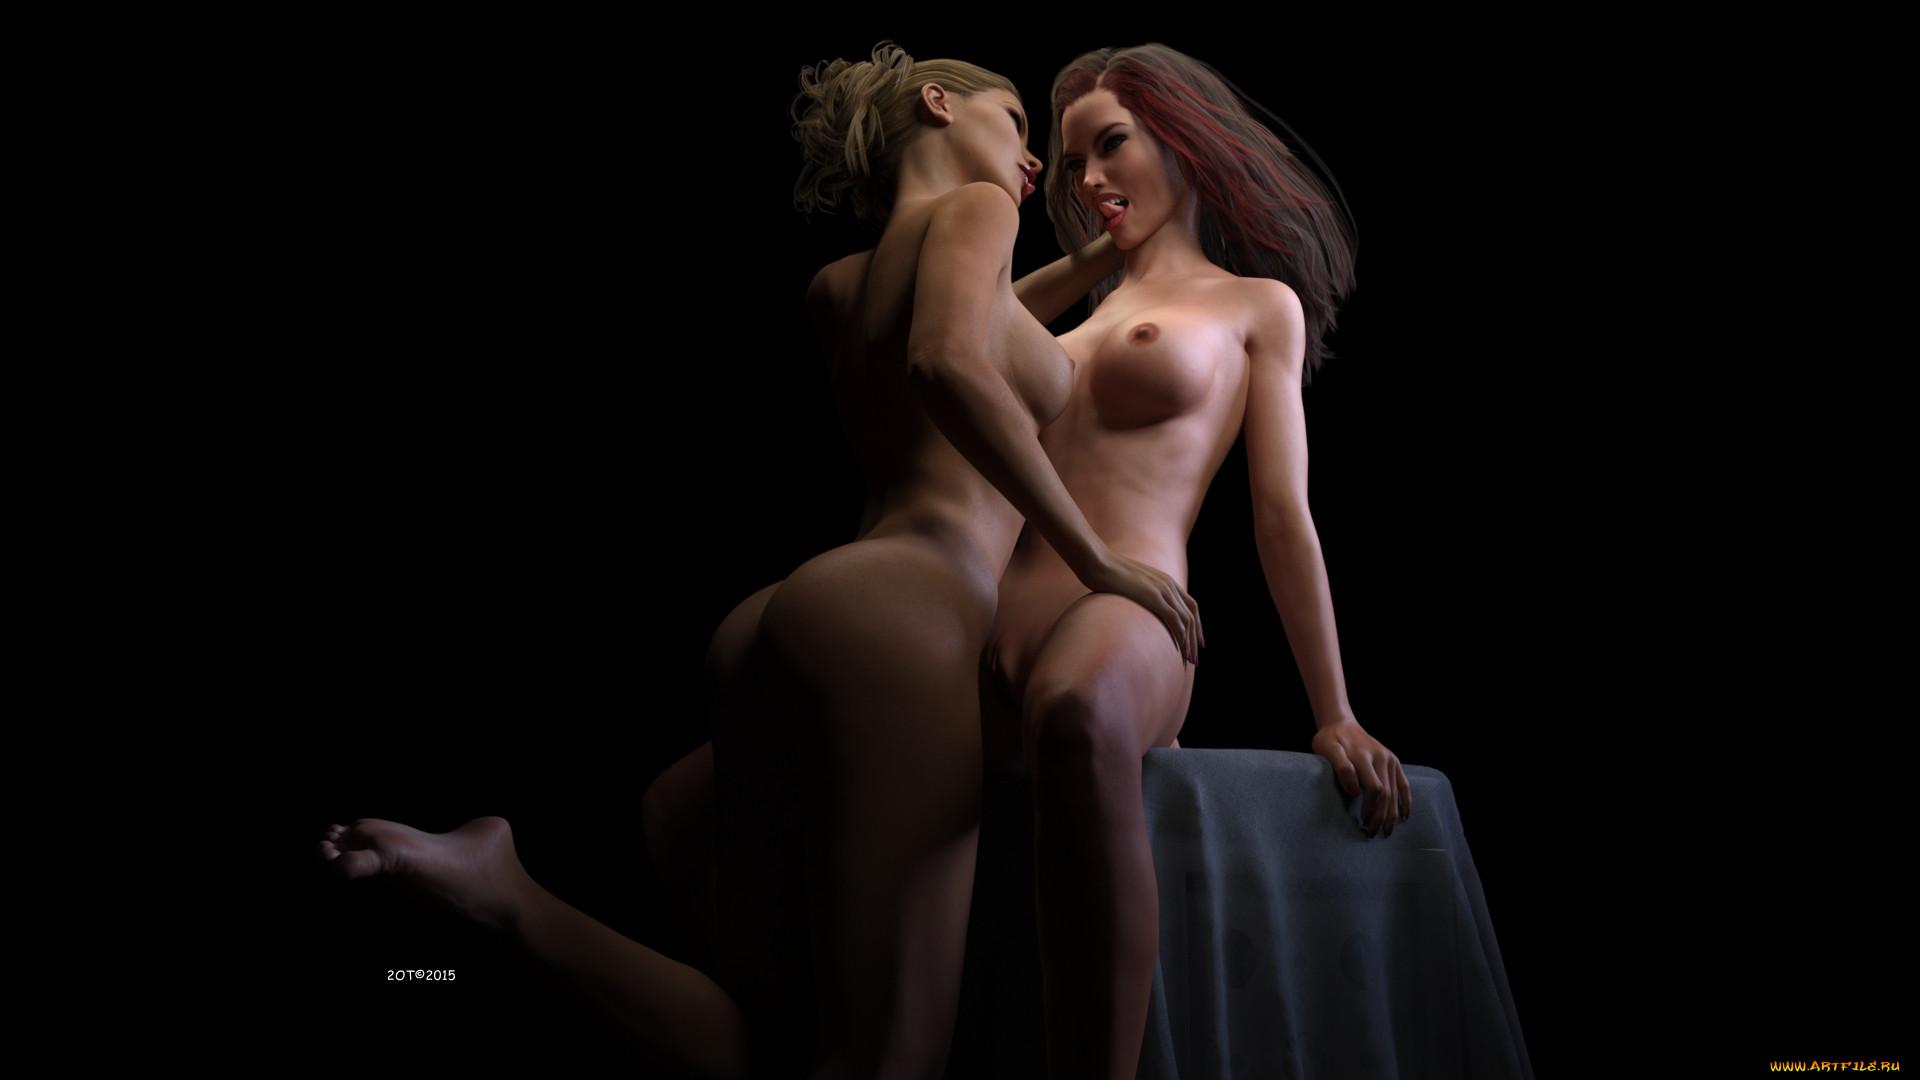 erotika-na-rab-stol-orgazm-analniy-dirku-video